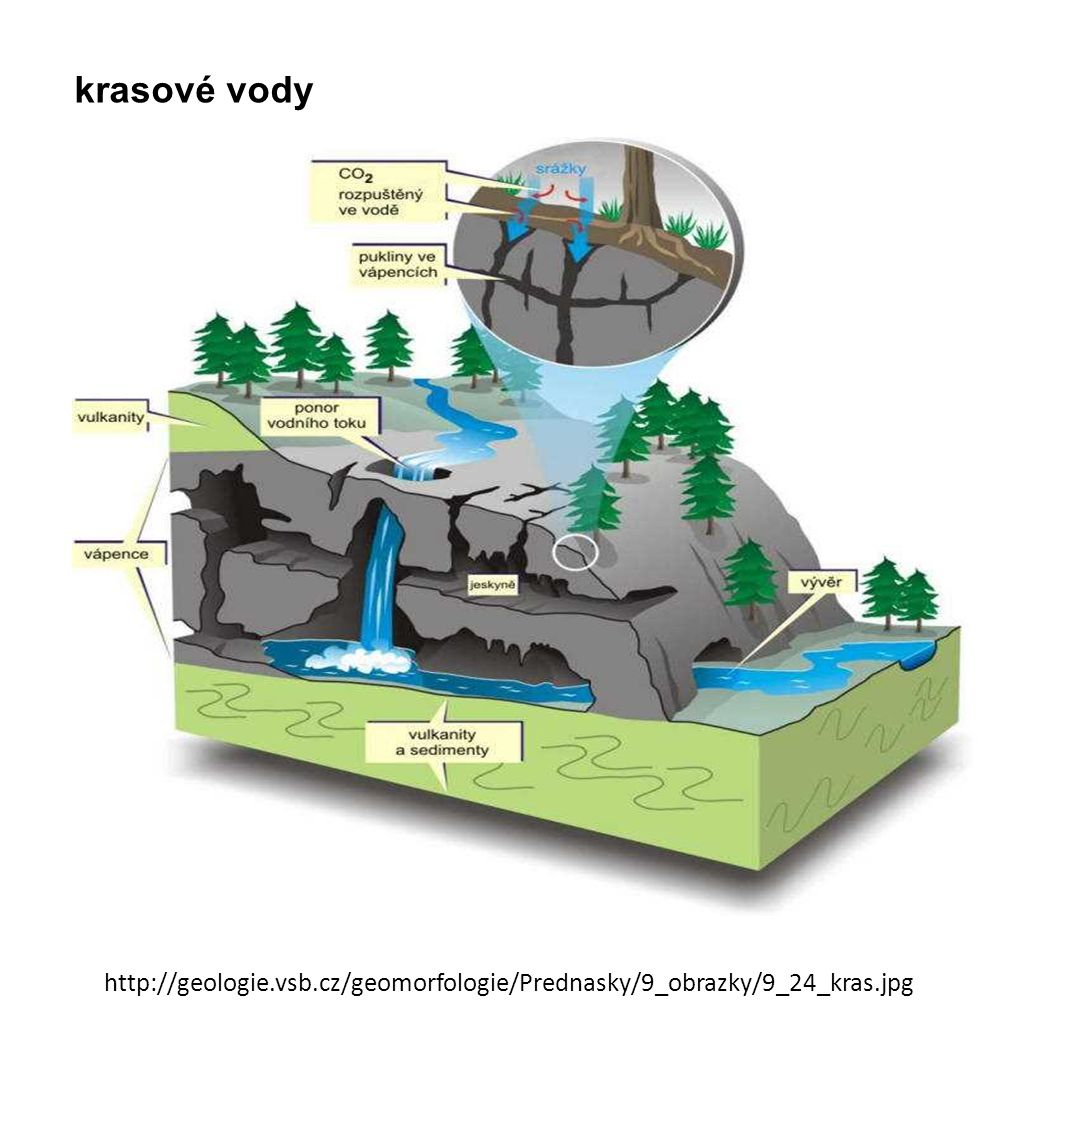 krasové vody http://geologie.vsb.cz/geomorfologie/Prednasky/9_obrazky/9_24_kras.jpg